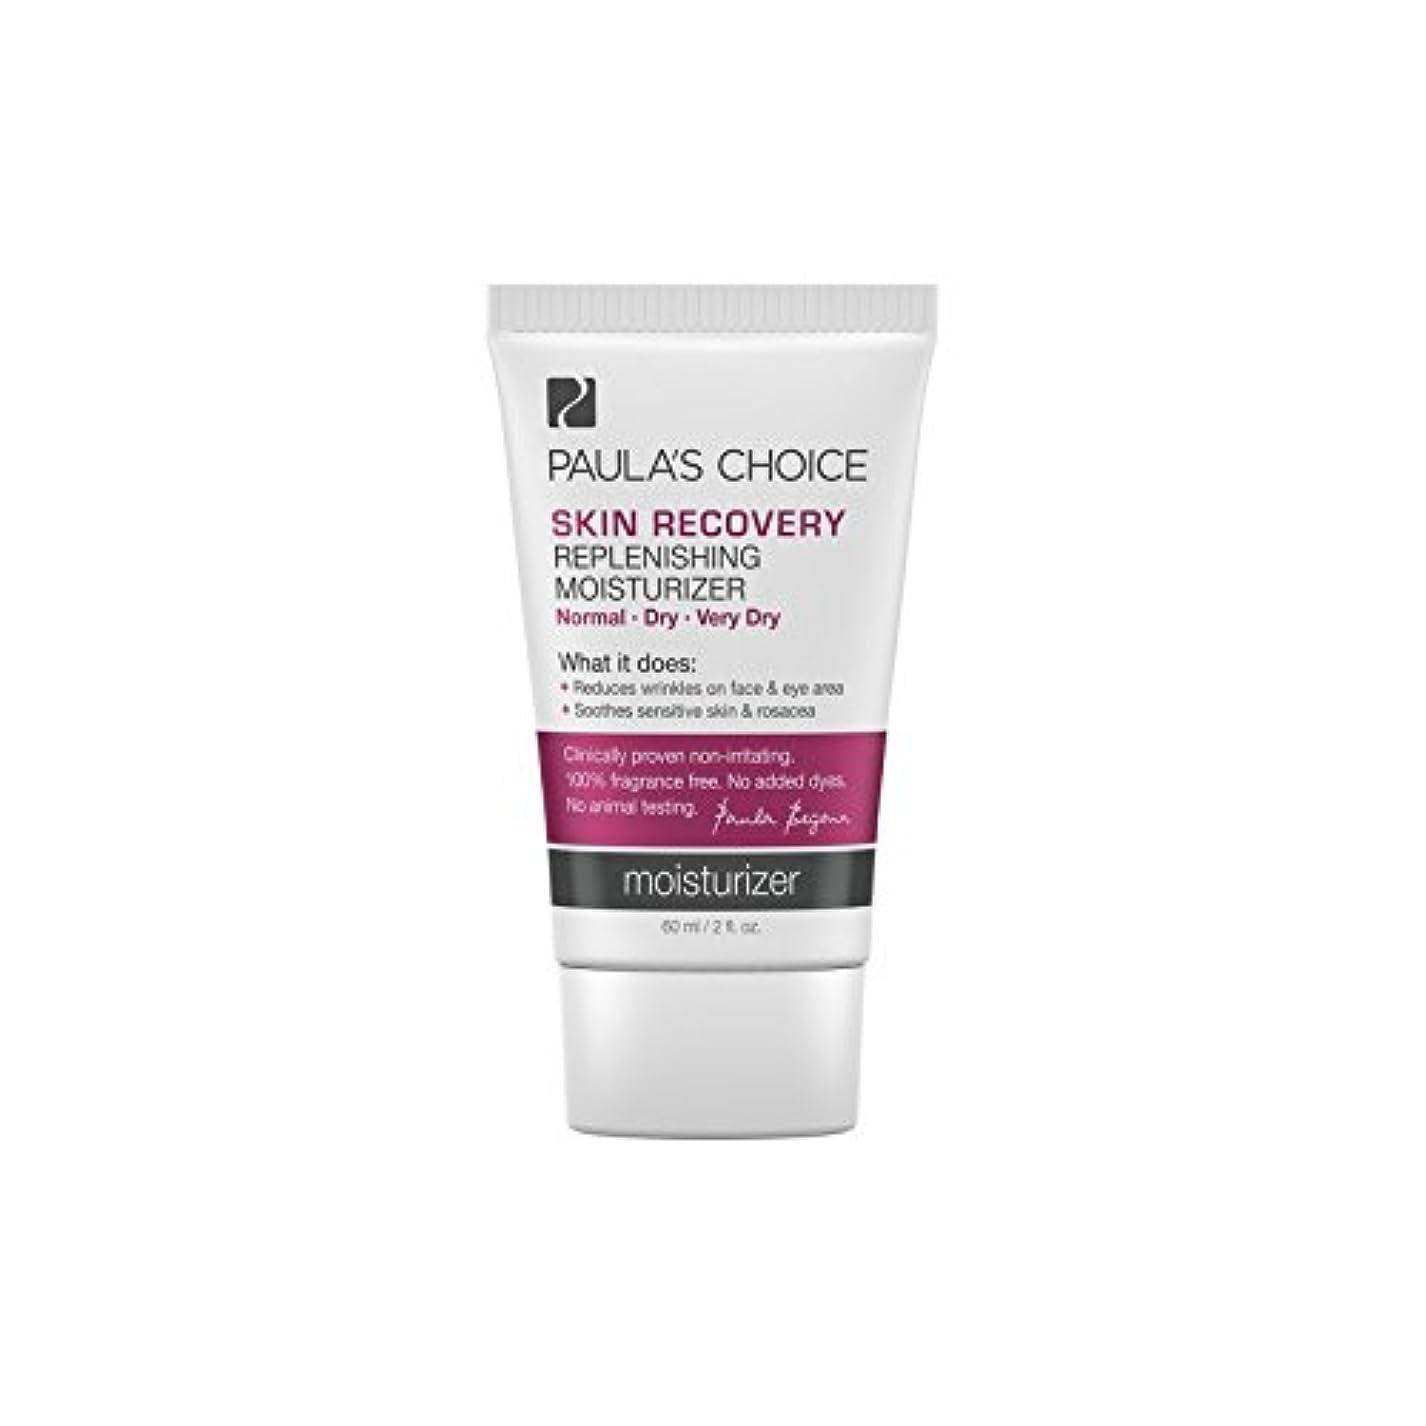 欠かせない苦しむやりがいのあるポーラチョイスの肌の回復補充保湿(60ミリリットル) x2 - Paula's Choice Skin Recovery Replenishing Moisturizer (60ml) (Pack of 2) [並行輸入品]